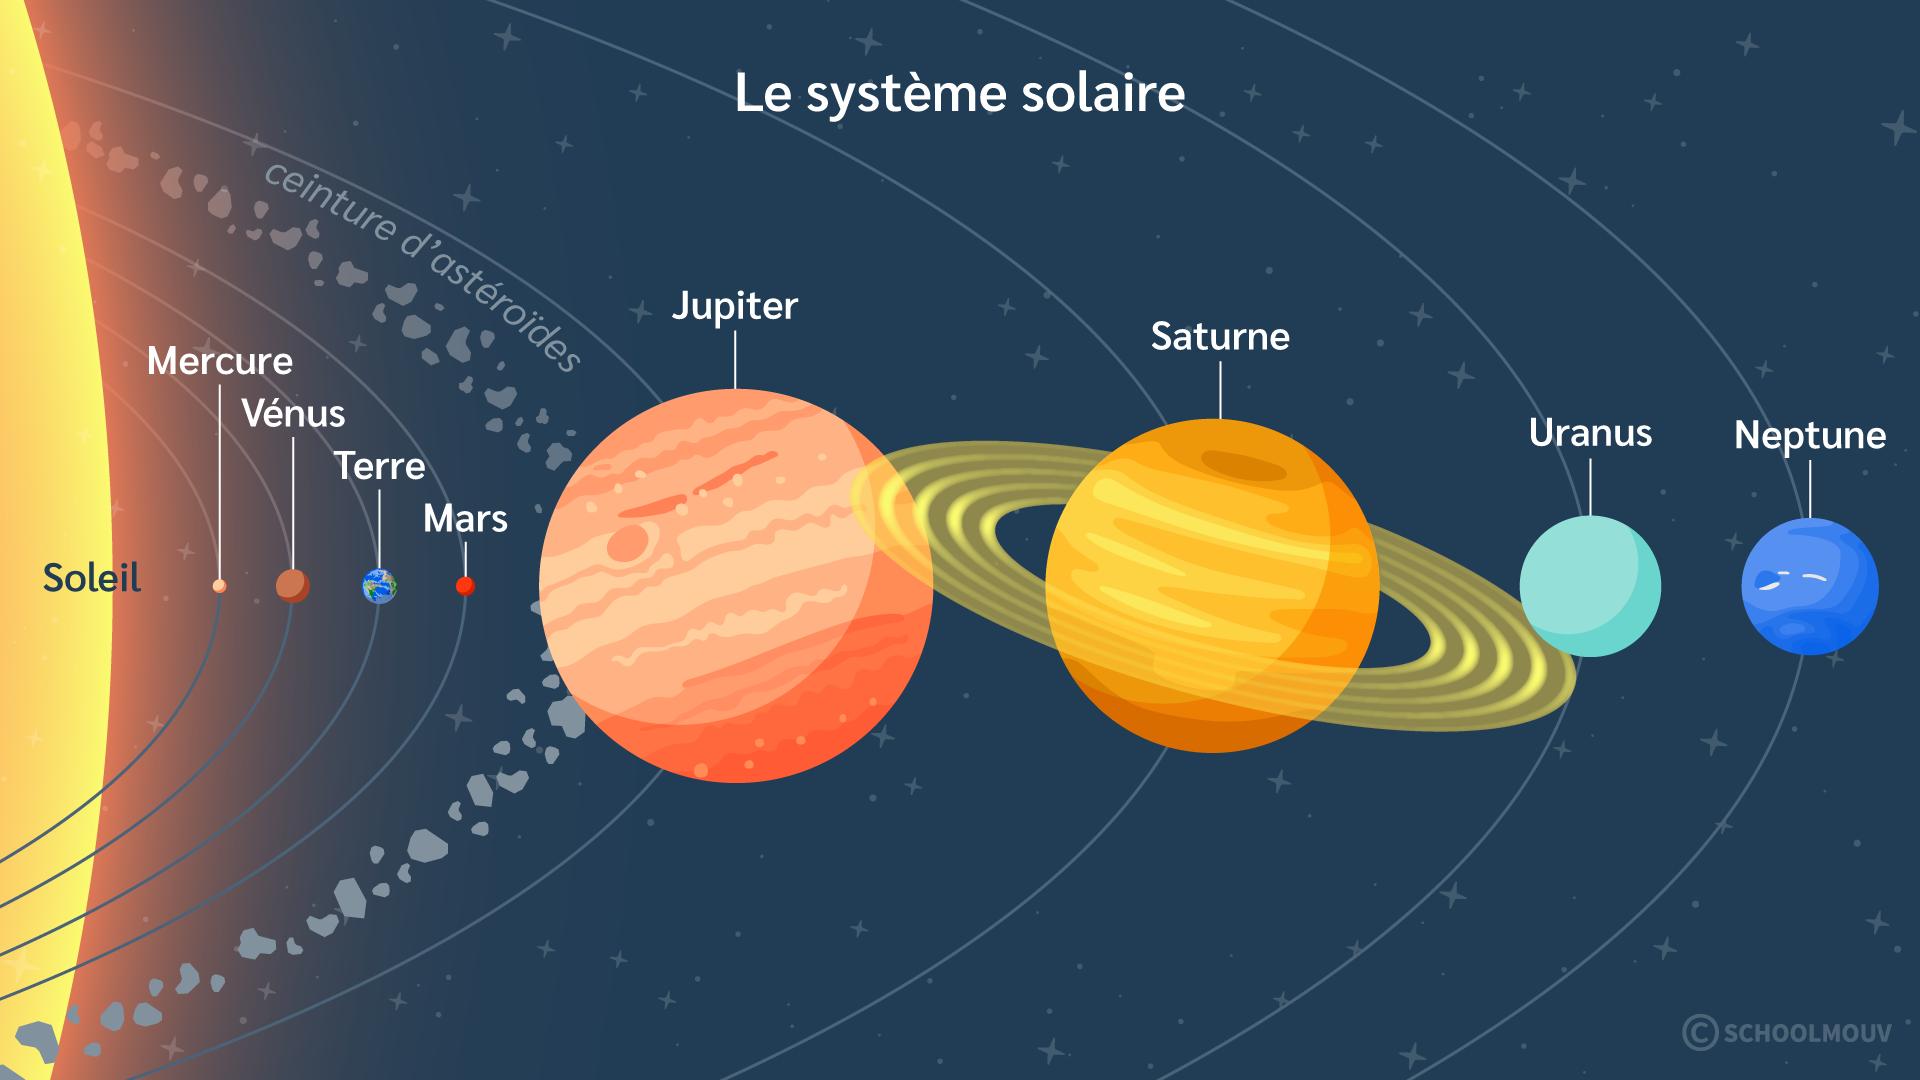 primaire questionner le monde géographie sciences ce2 situer la Terre le système solaire